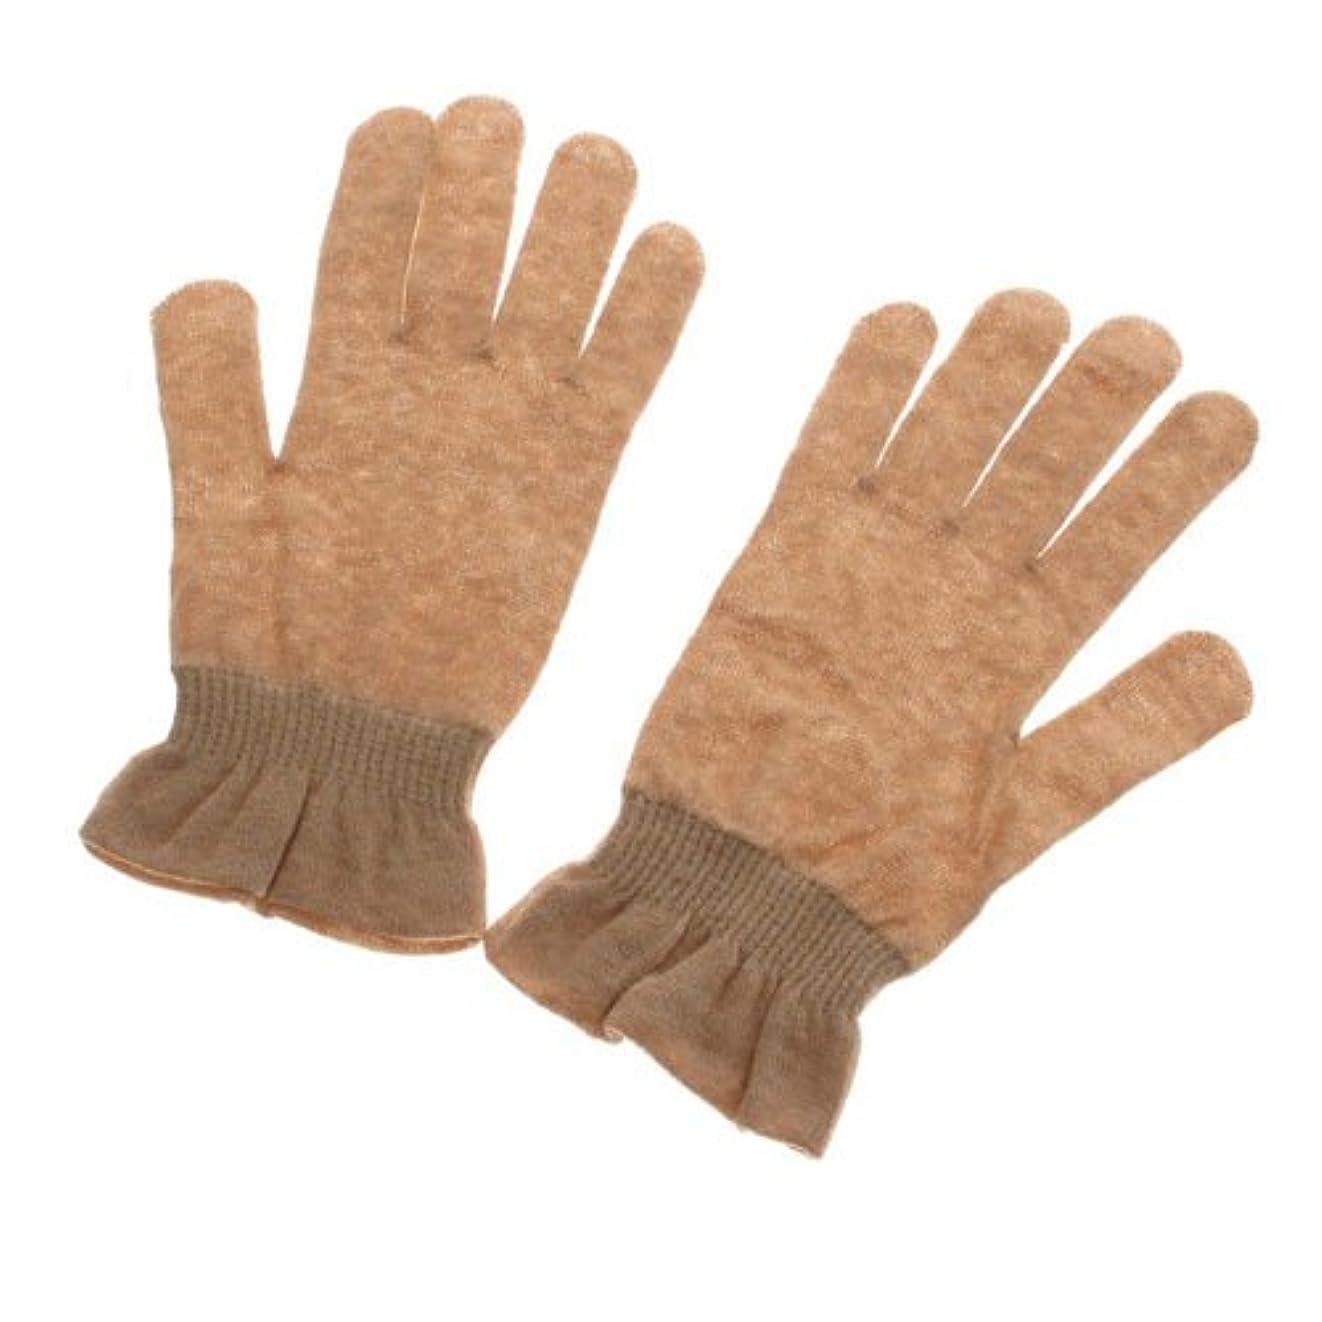 にんじん動機検体オーガニックコットン天衣無縫 UVカット手袋?エステ ブラウン フリー